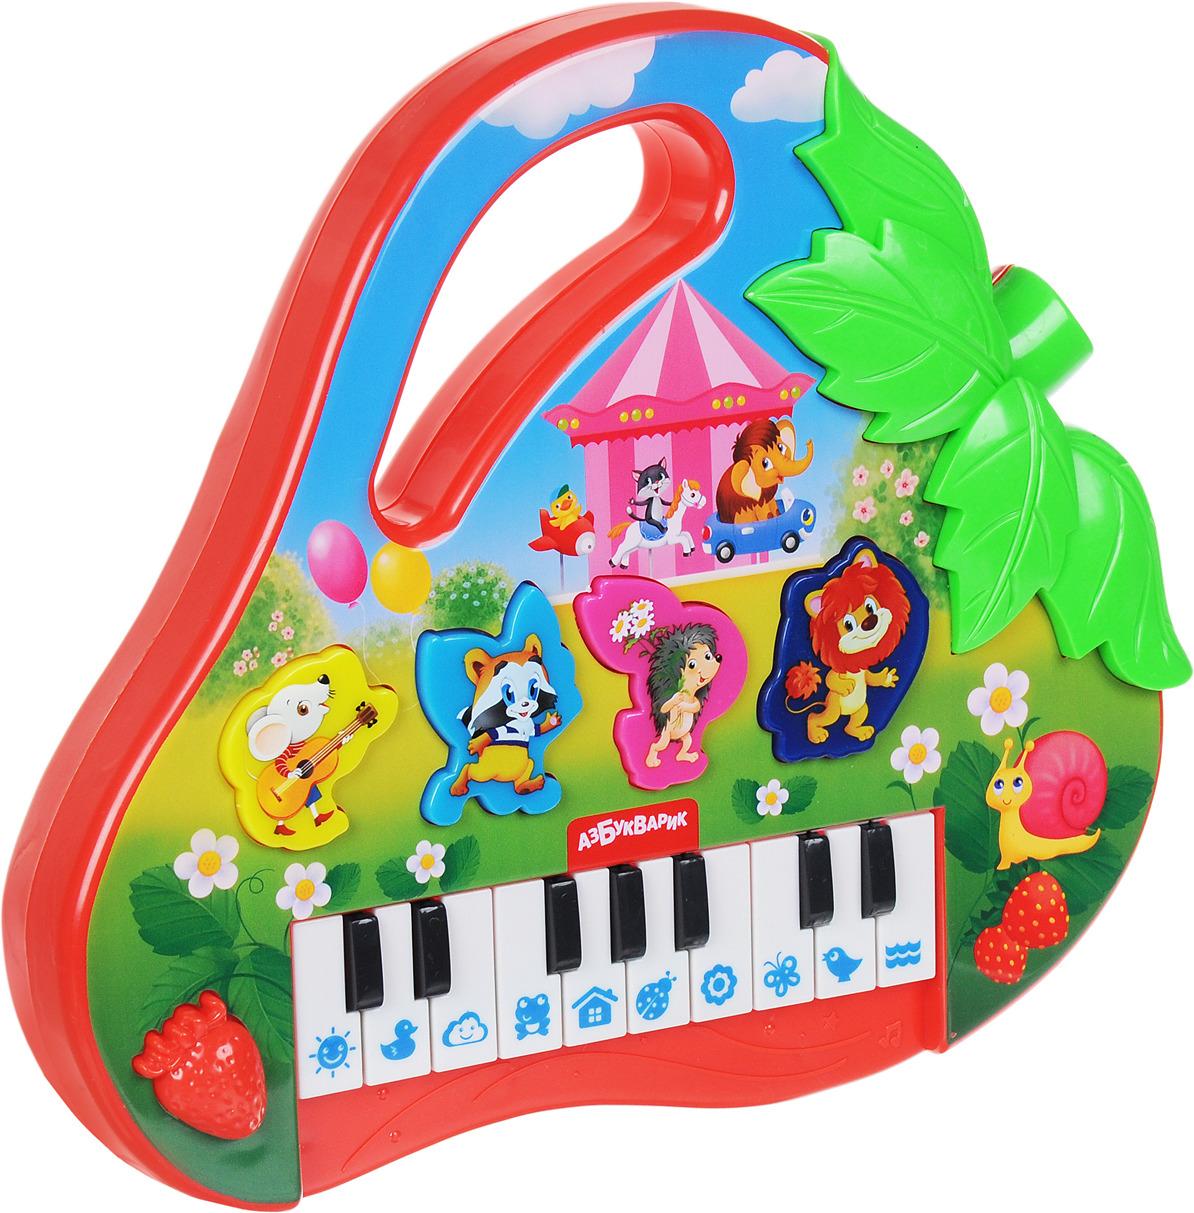 Электронная игрушка Азбукварик Пианино Клубничка, 1992 азбукварик планшет веселая радуга с пианино